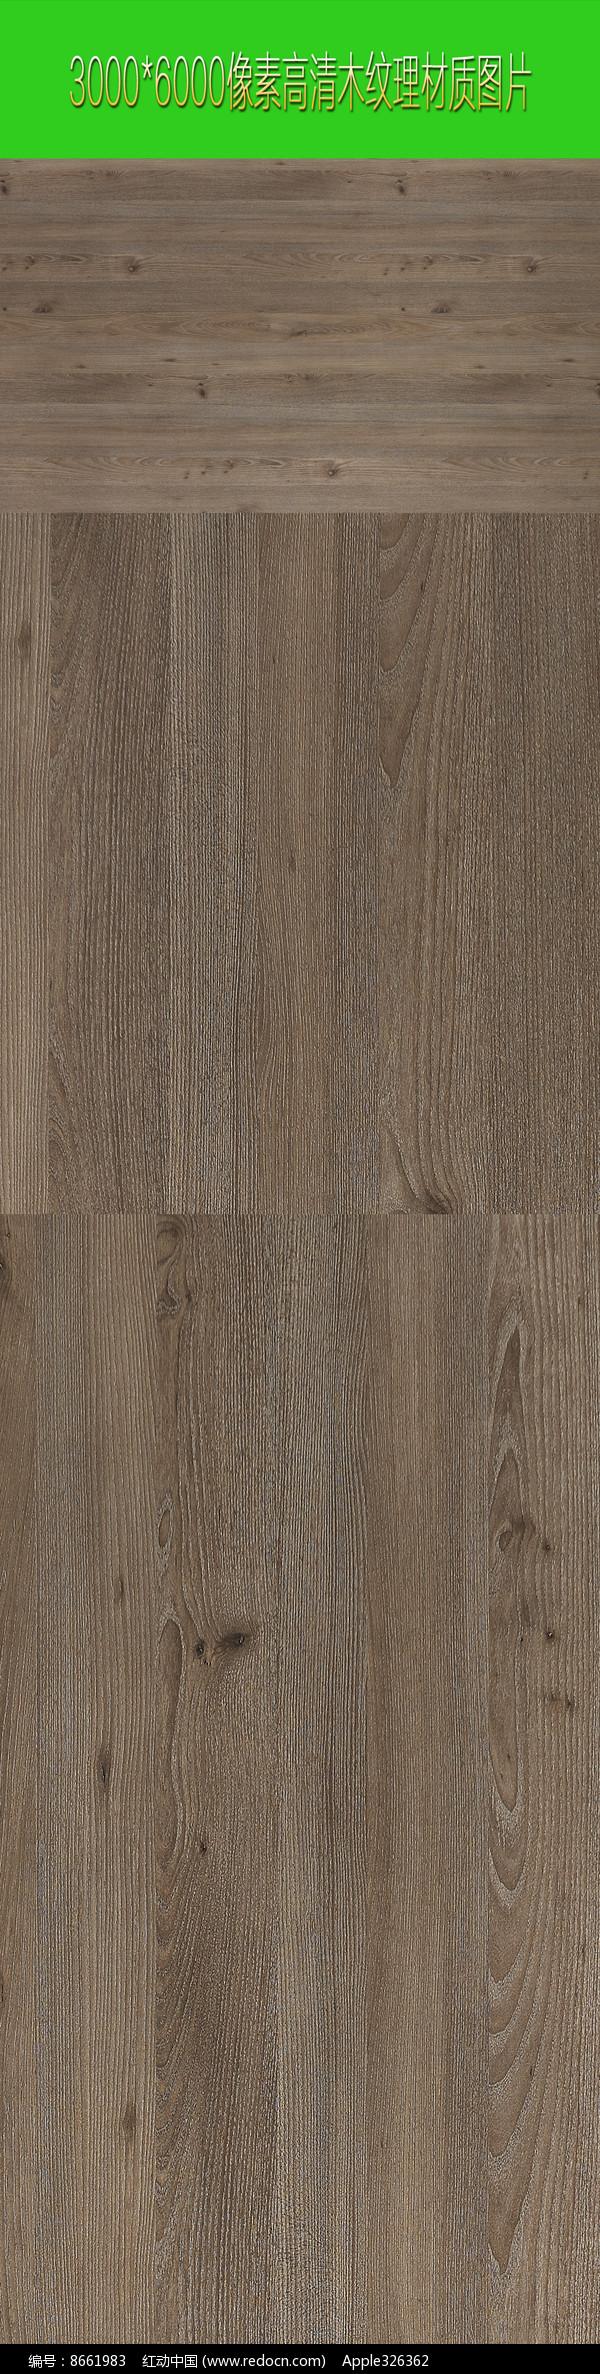 高清木纹理材质图片图片